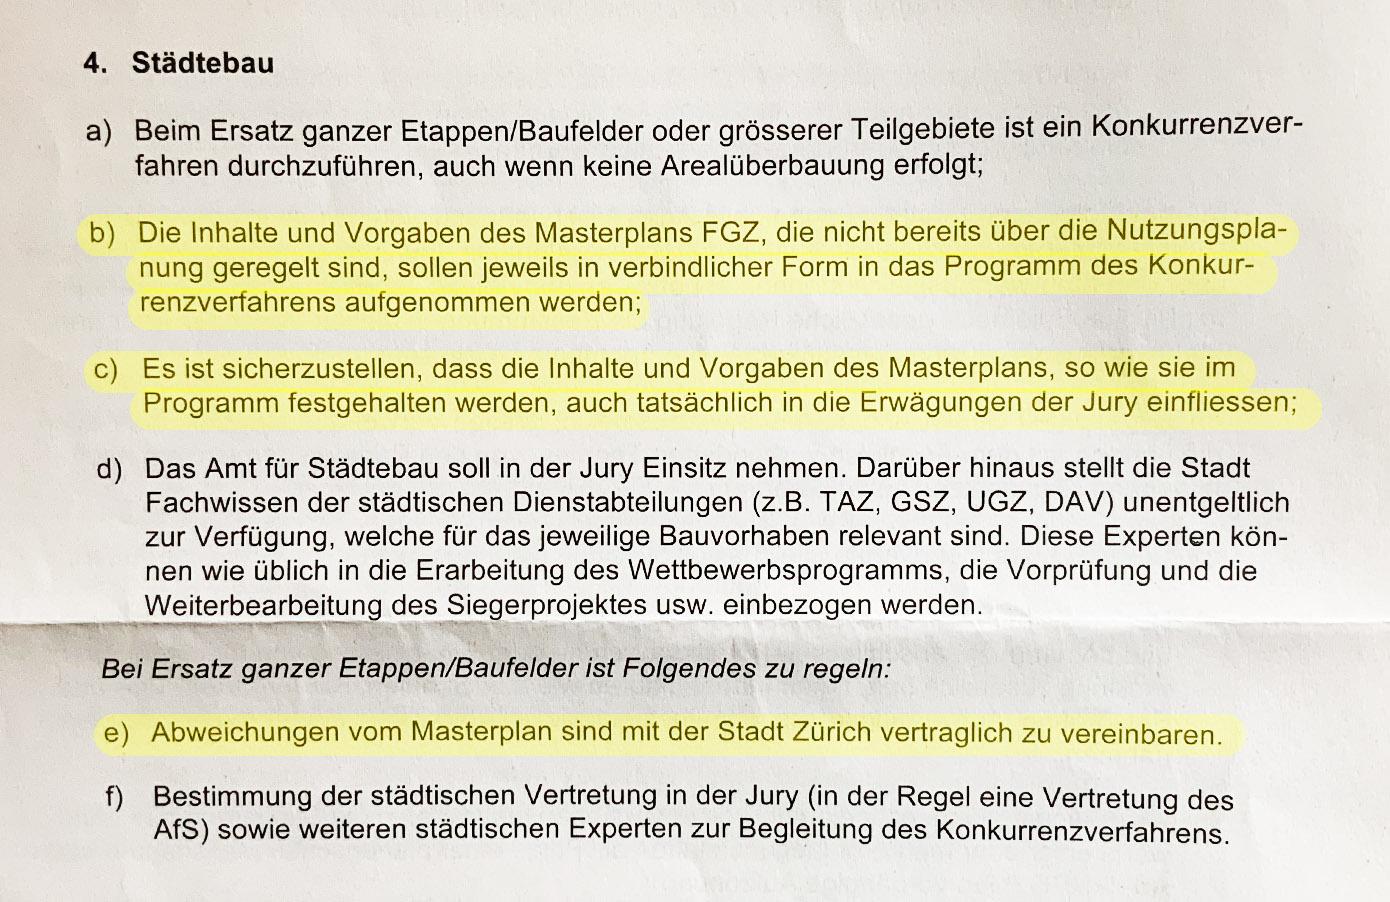 Auszug aus dem Rahmenvertrag (bereinigte Fassung vom 3. Mai 2019), Seite 4.